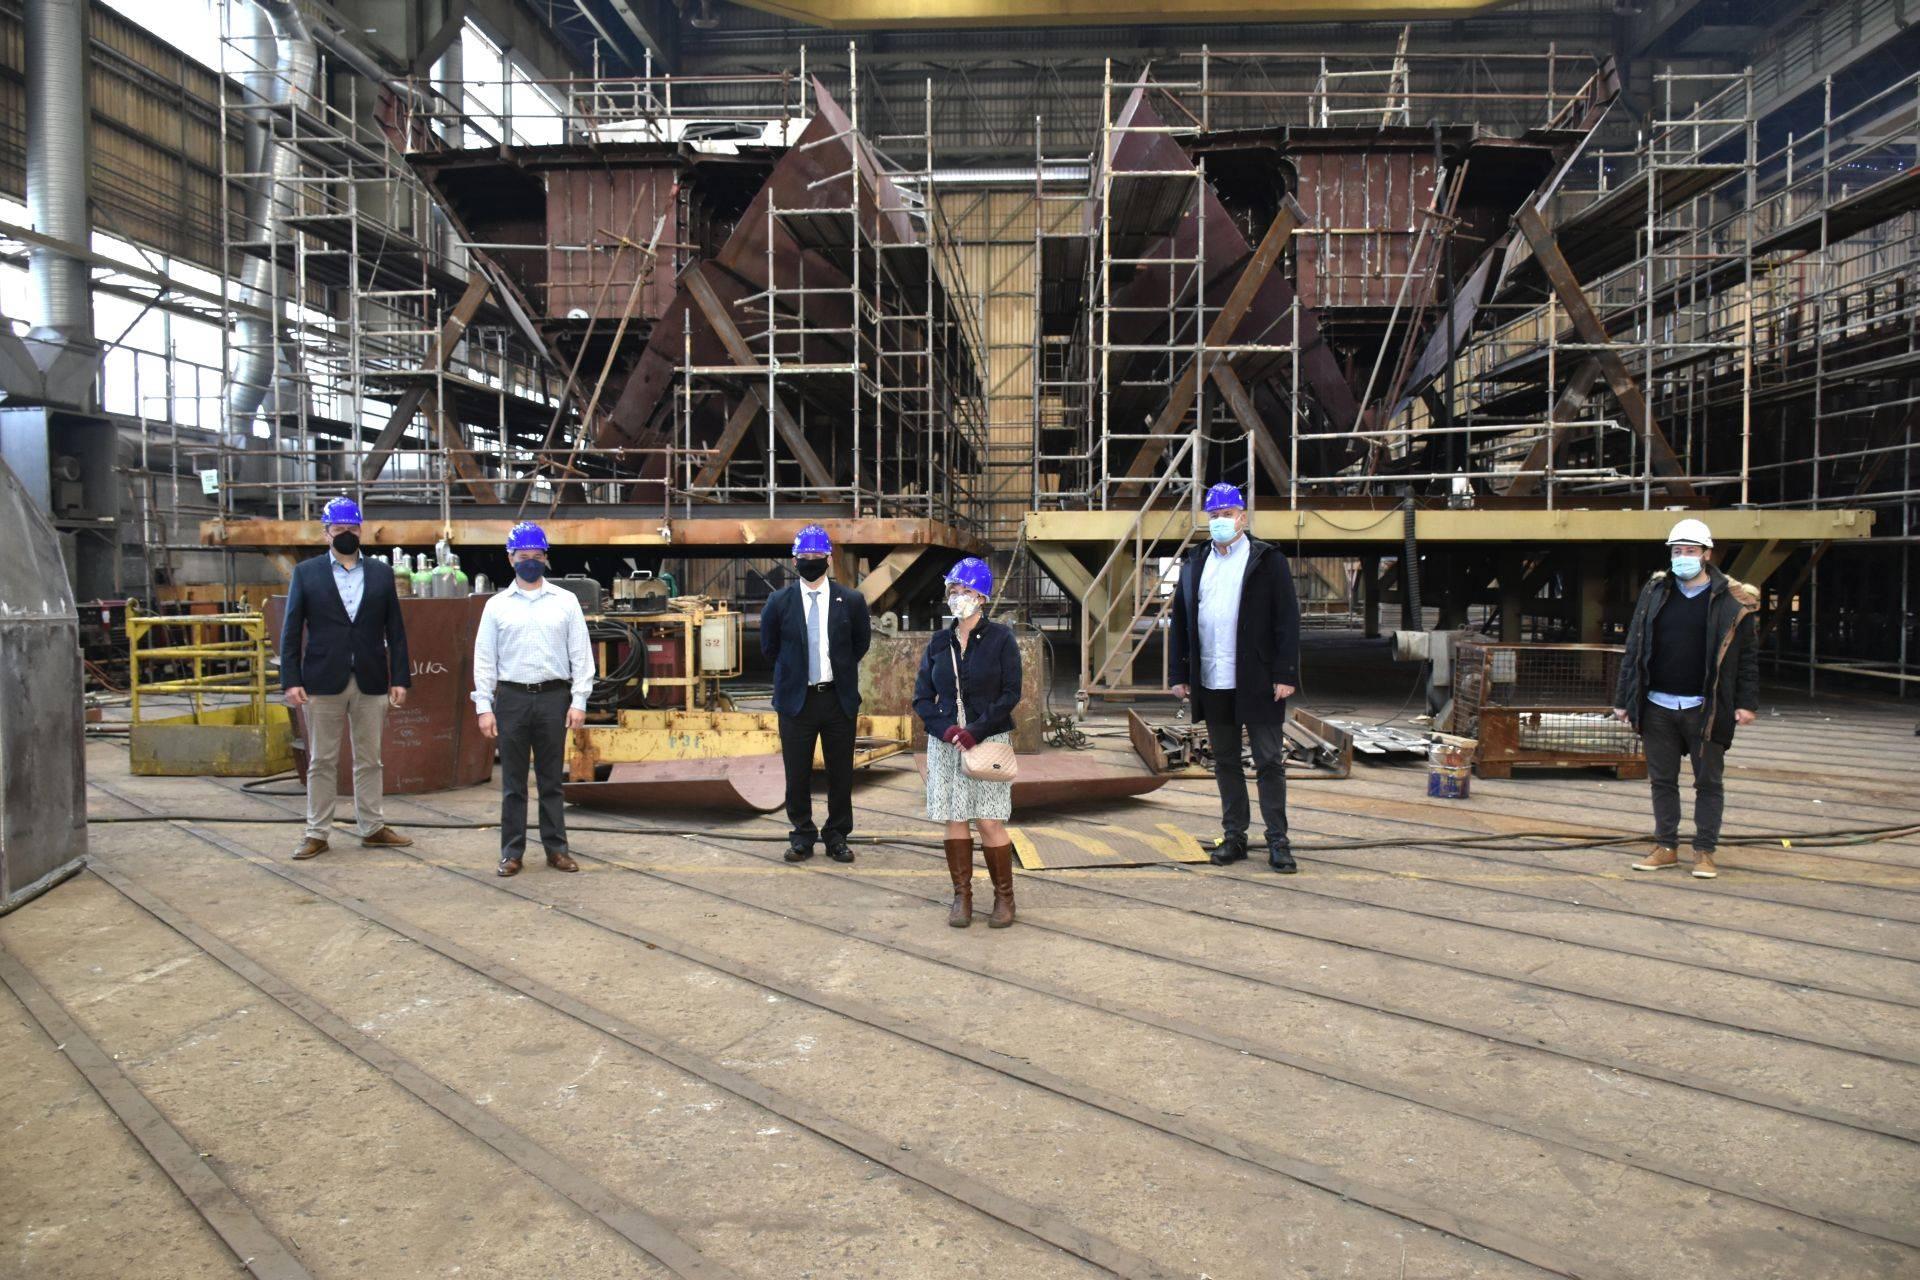 U.S. military delegation visits Brodosplit shipyard